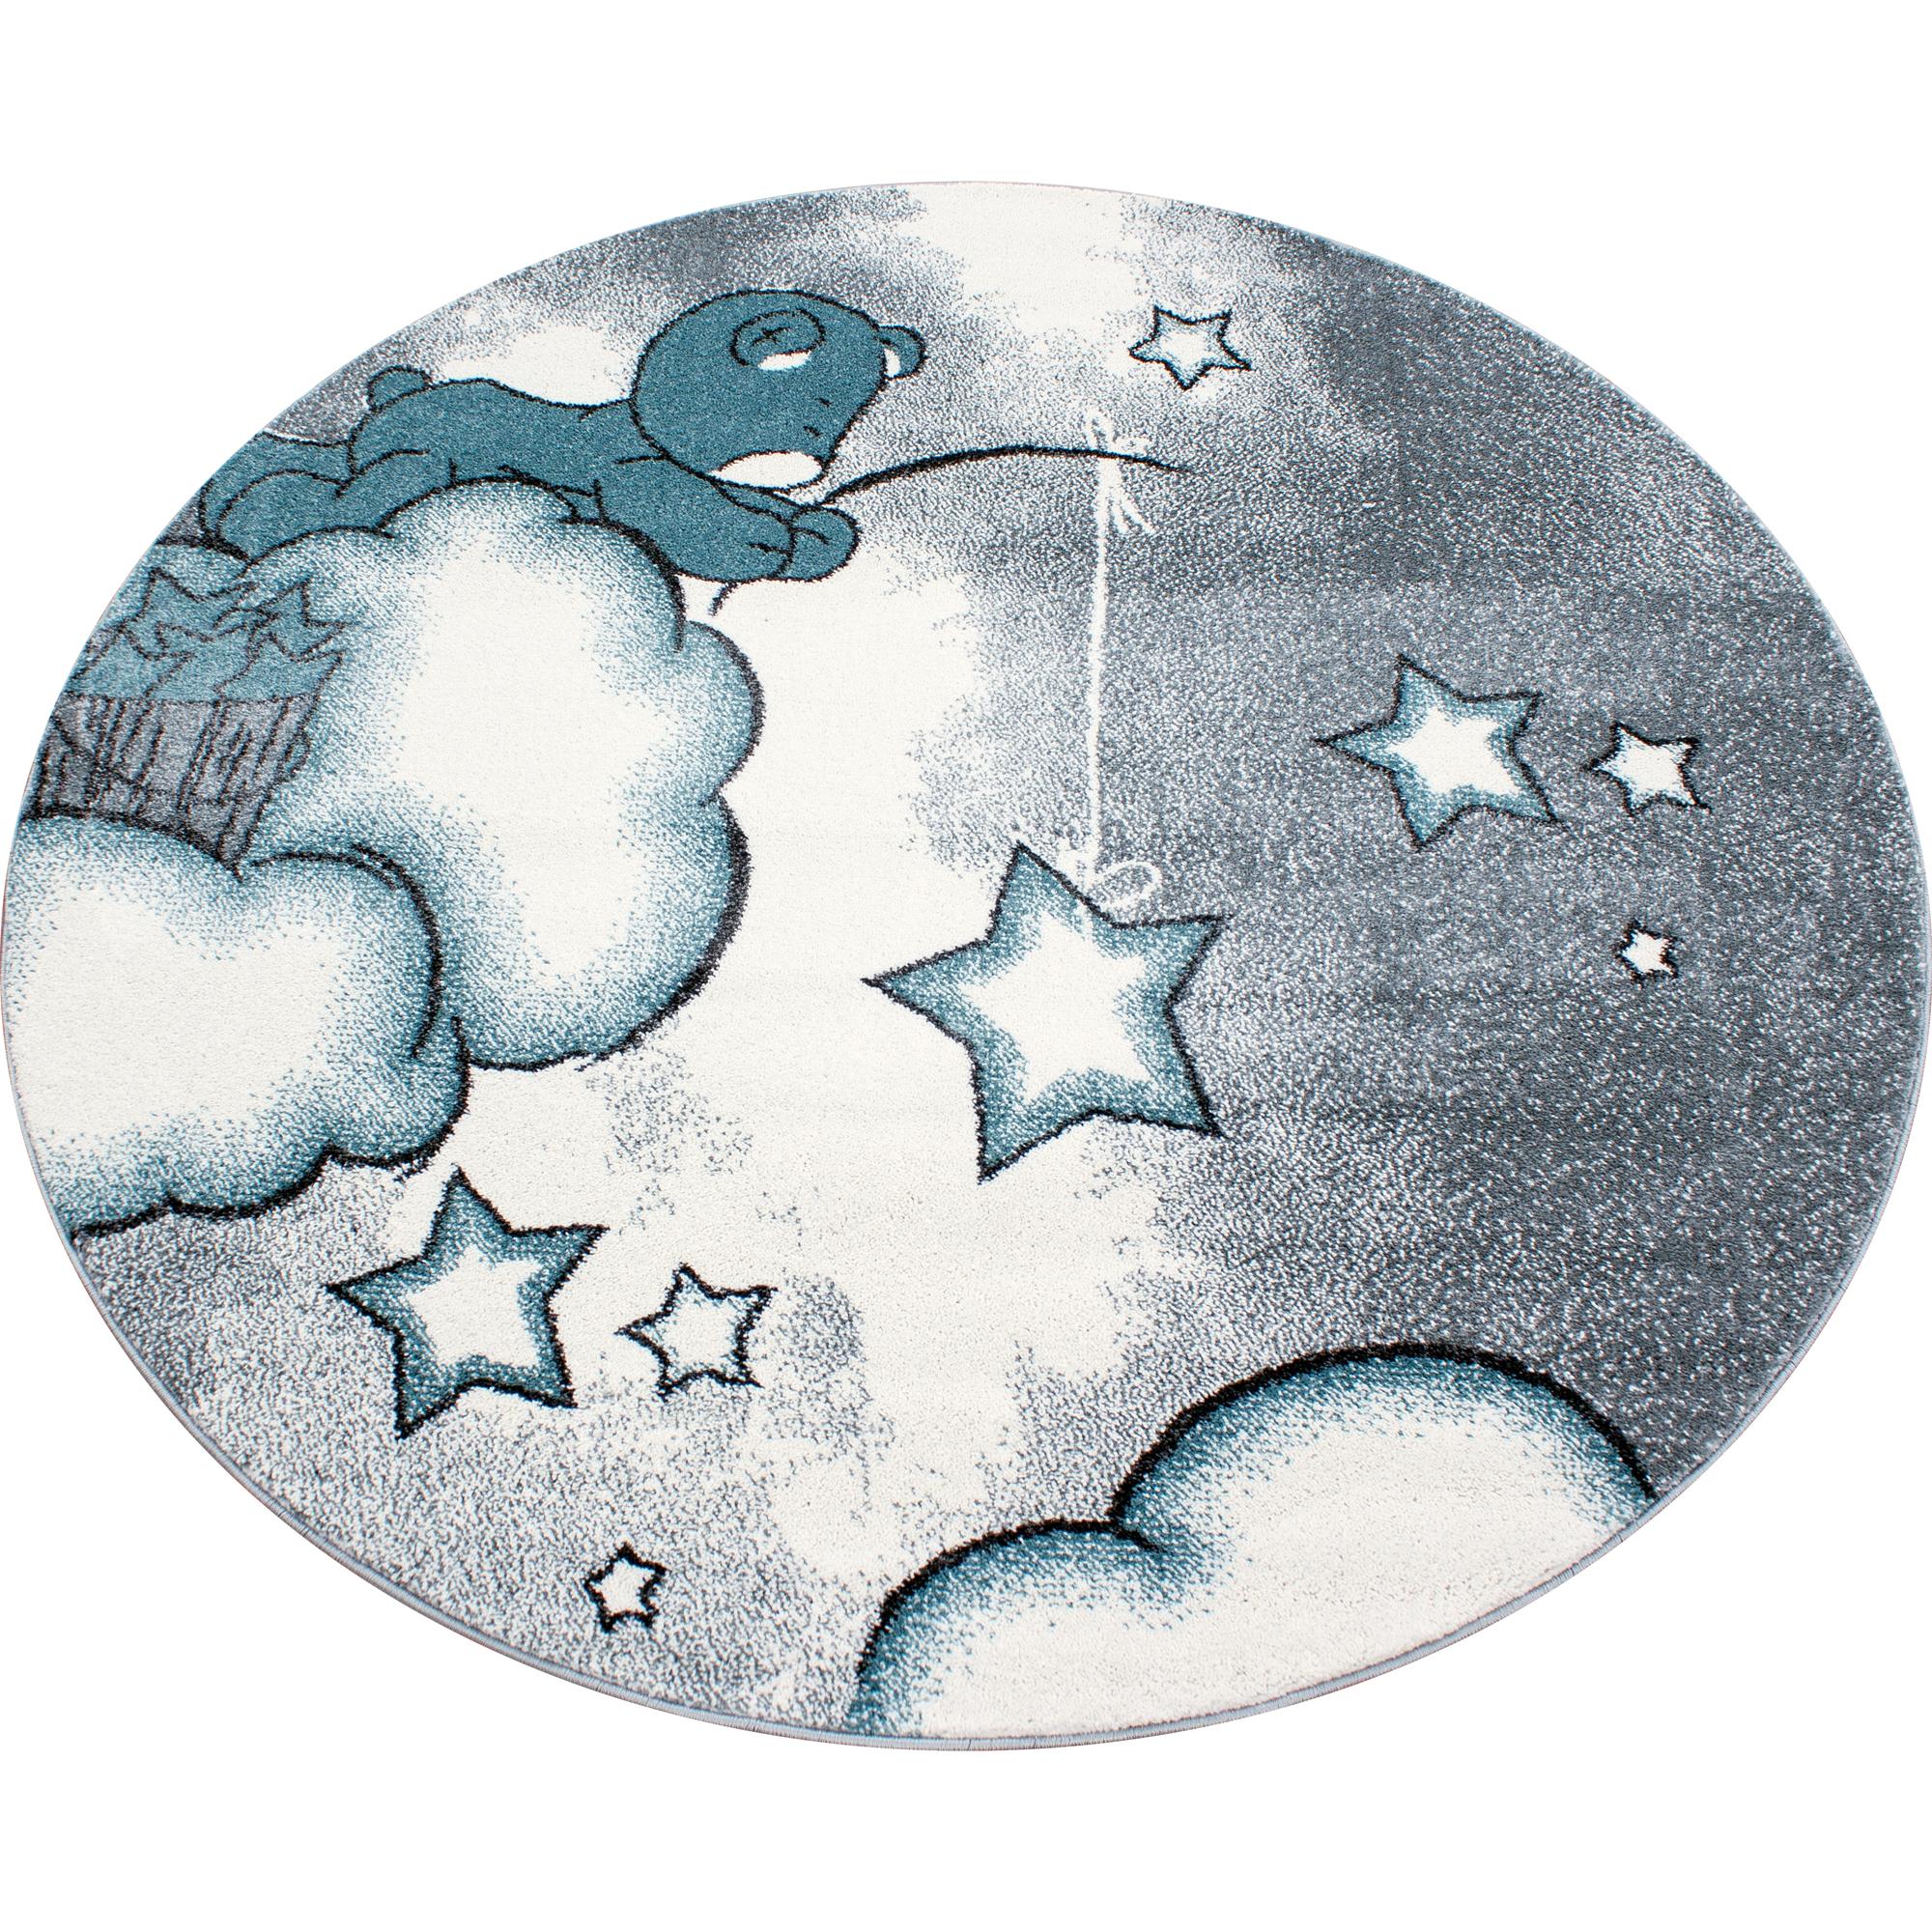 Teppich Kinderteppich Rund Kurzflor Pflegeleicht Bär Kinderzimmer Blau